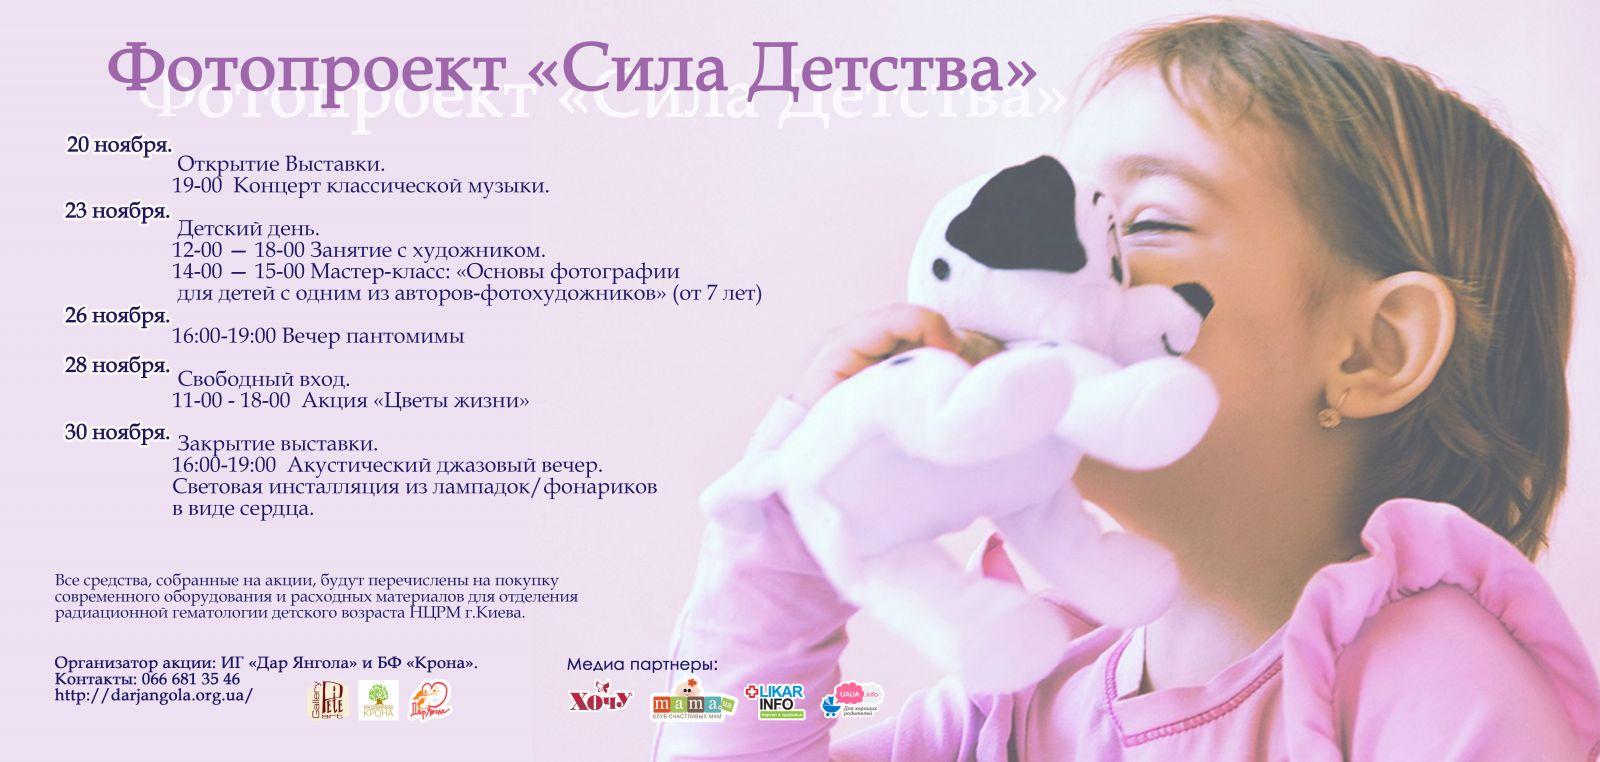 """20 ноября стартует фотопроект """"Сила детства"""" - фото №1"""